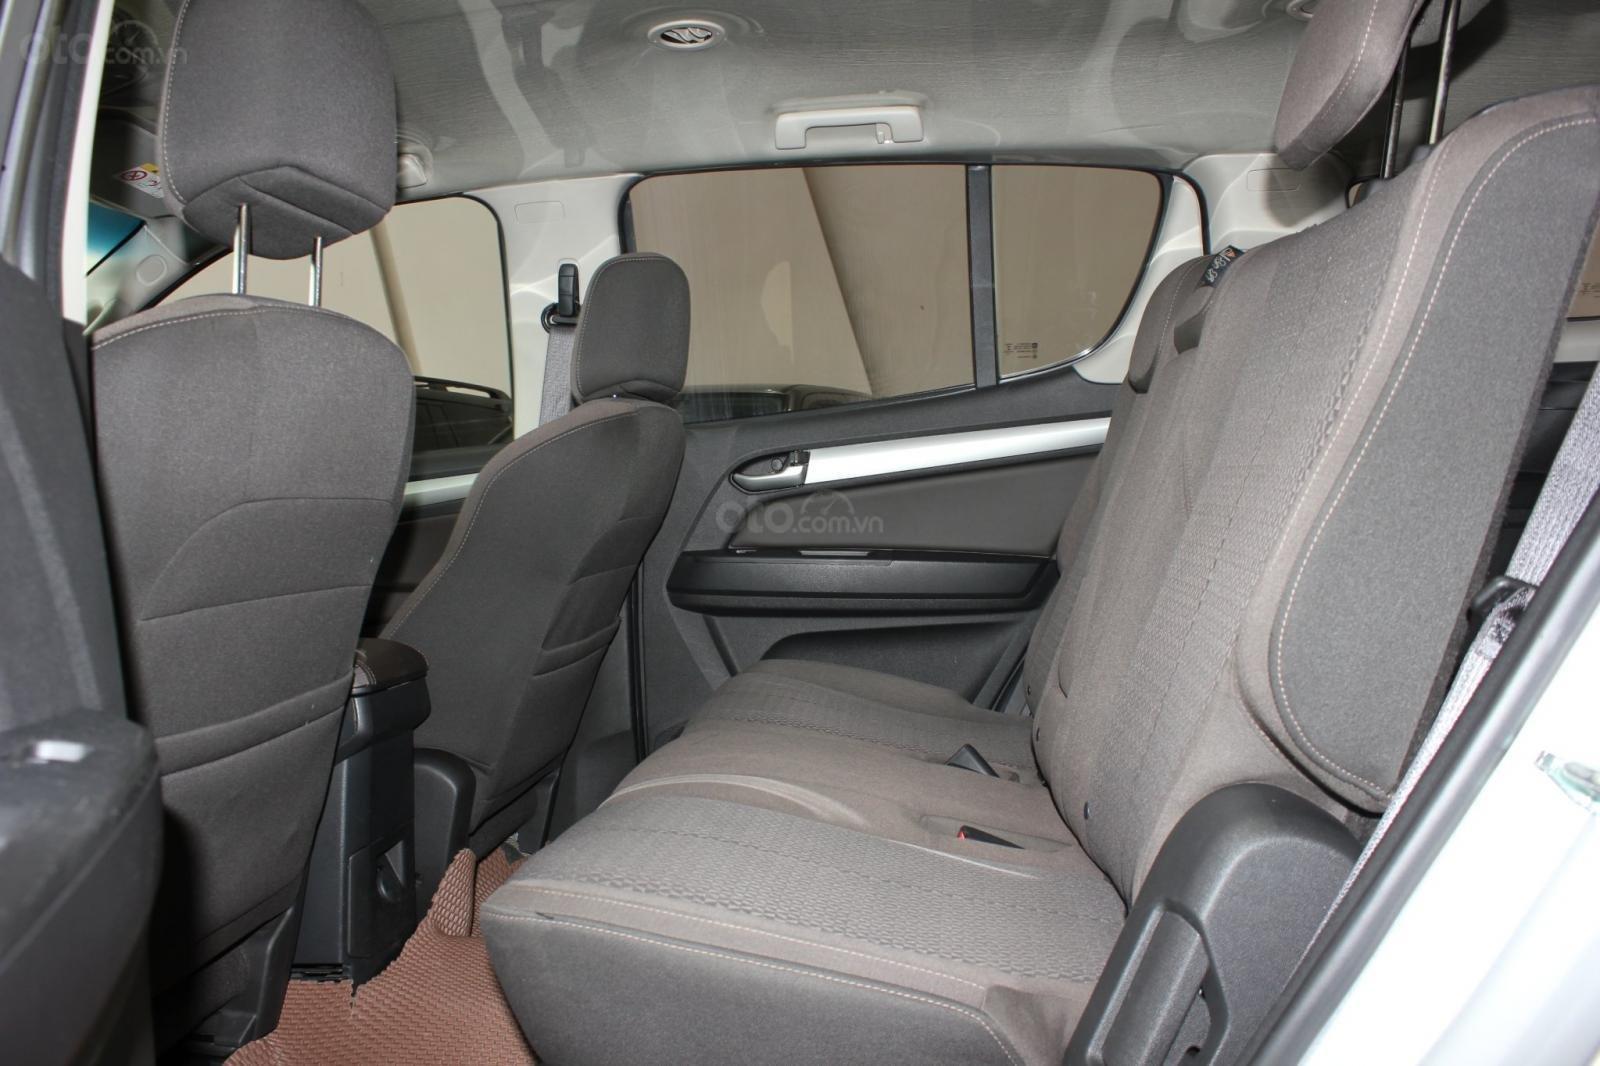 Cần bán xe Chevrolet TrailblazerLT 2.5AT 2018, máy dầu, xe nhập nguyên chiếc Thái Lan, giá thương lượng (18)